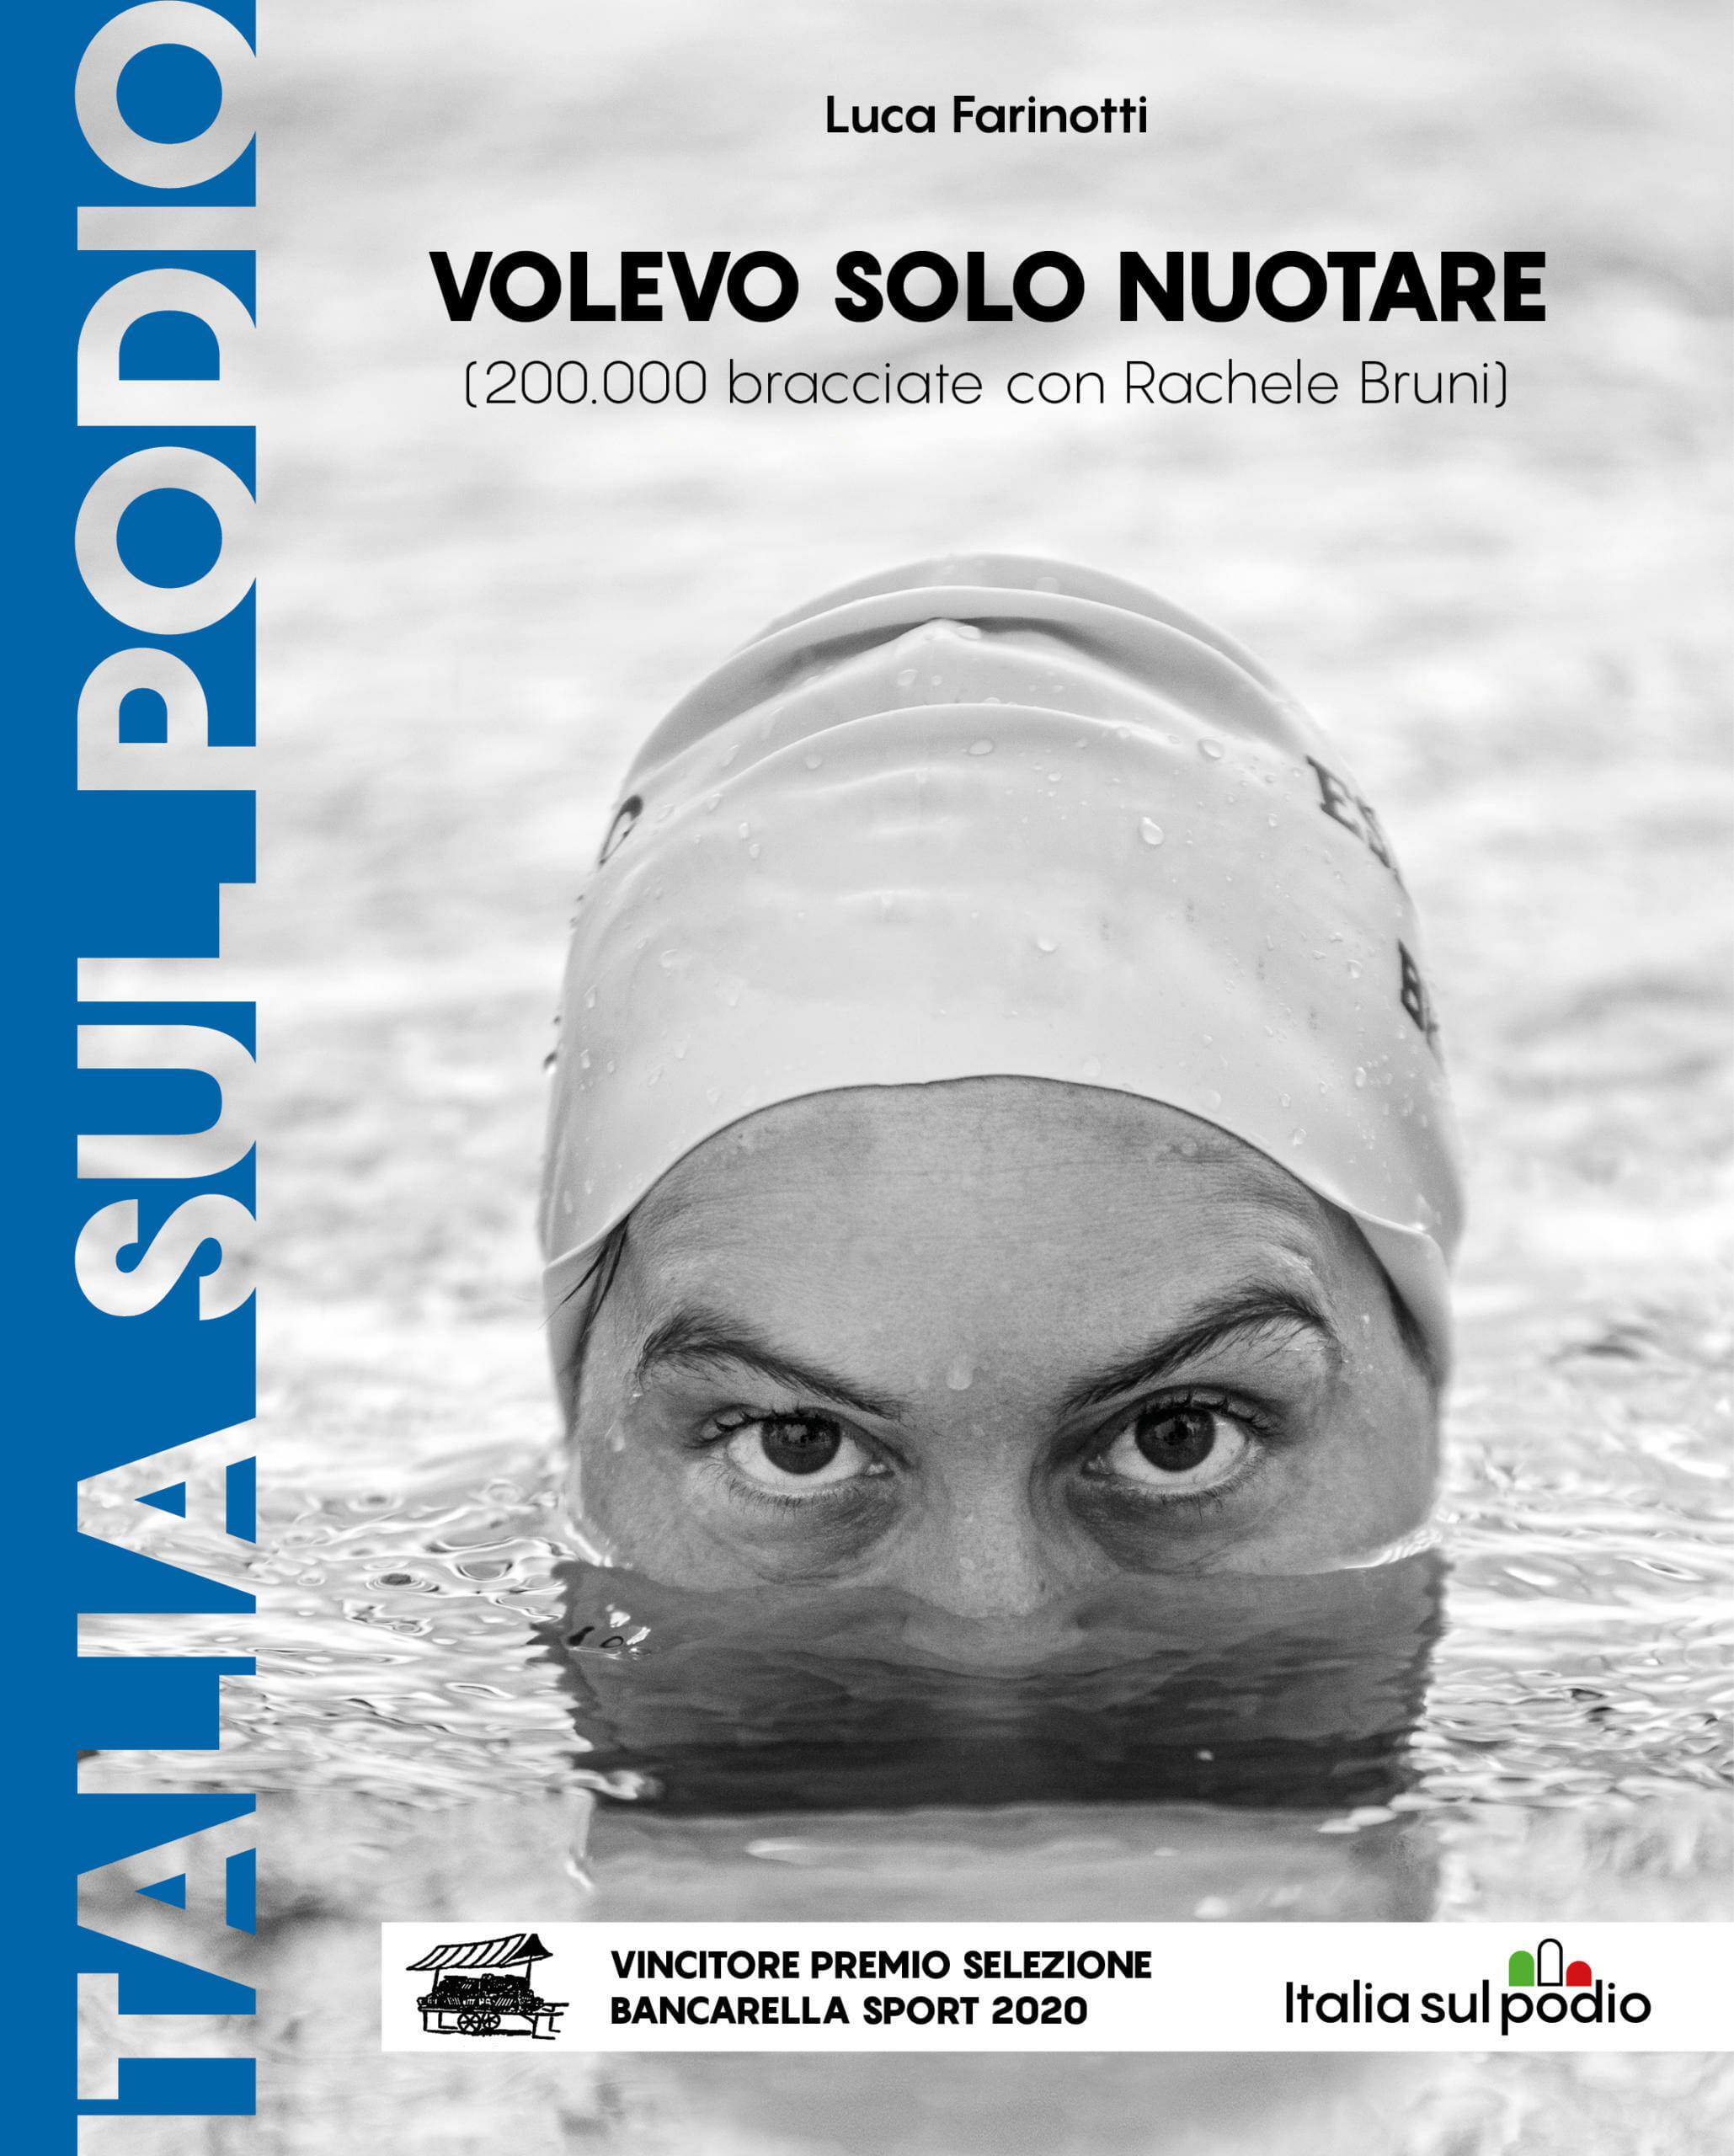 volevo_solo_nuotare_def_07-02-2020_BANCARELLA